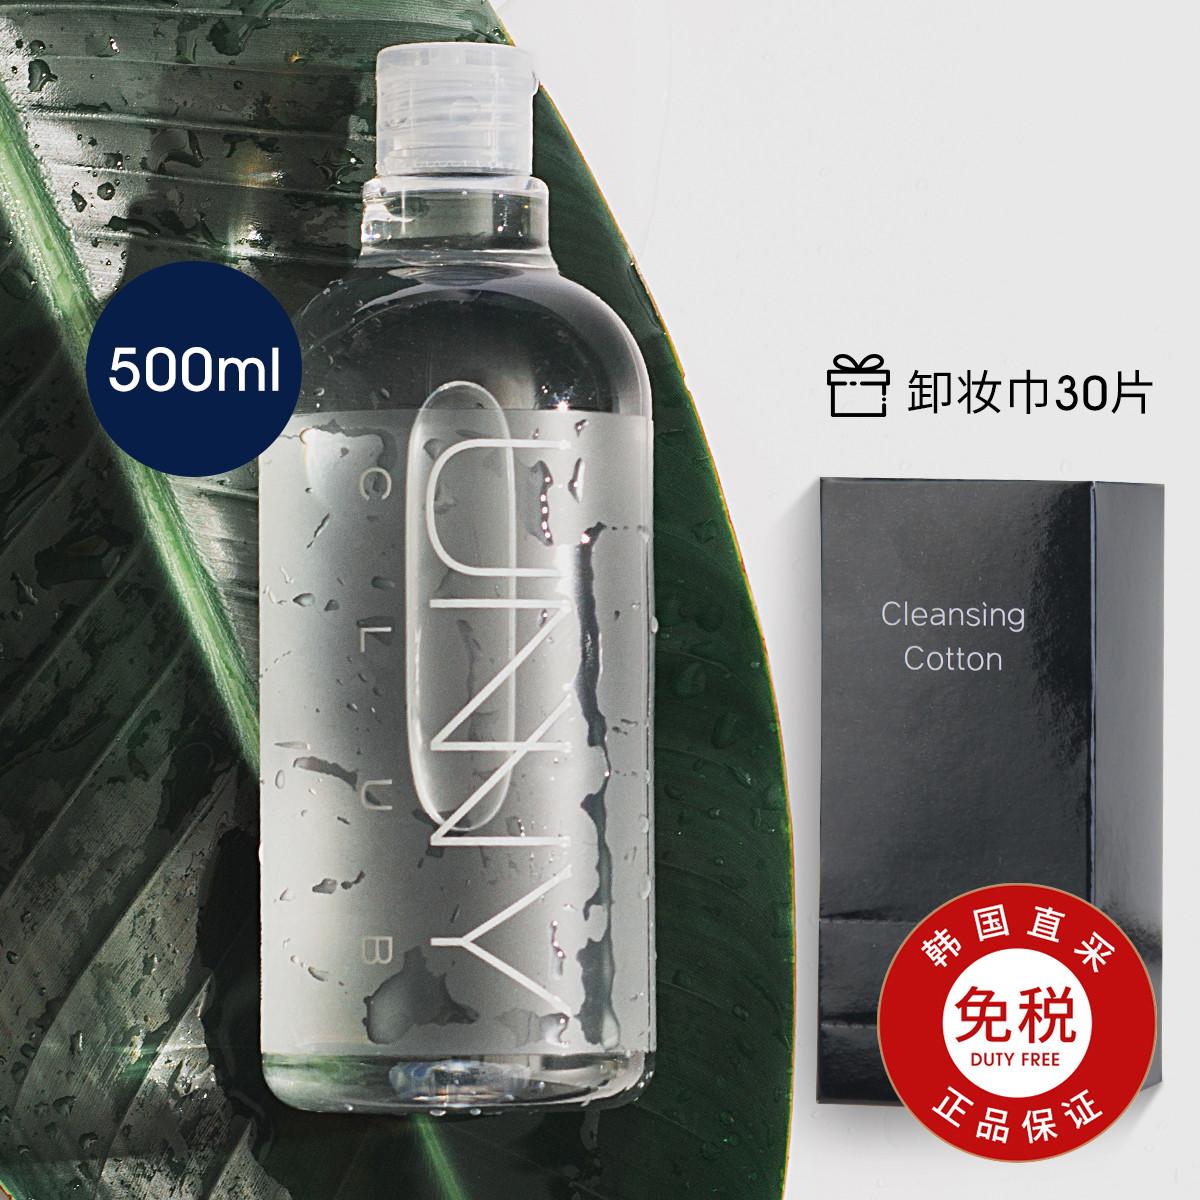 【超值卸妆组合装】UNNY 温和净颜卸妆水液+卸妆巾 深层清洁